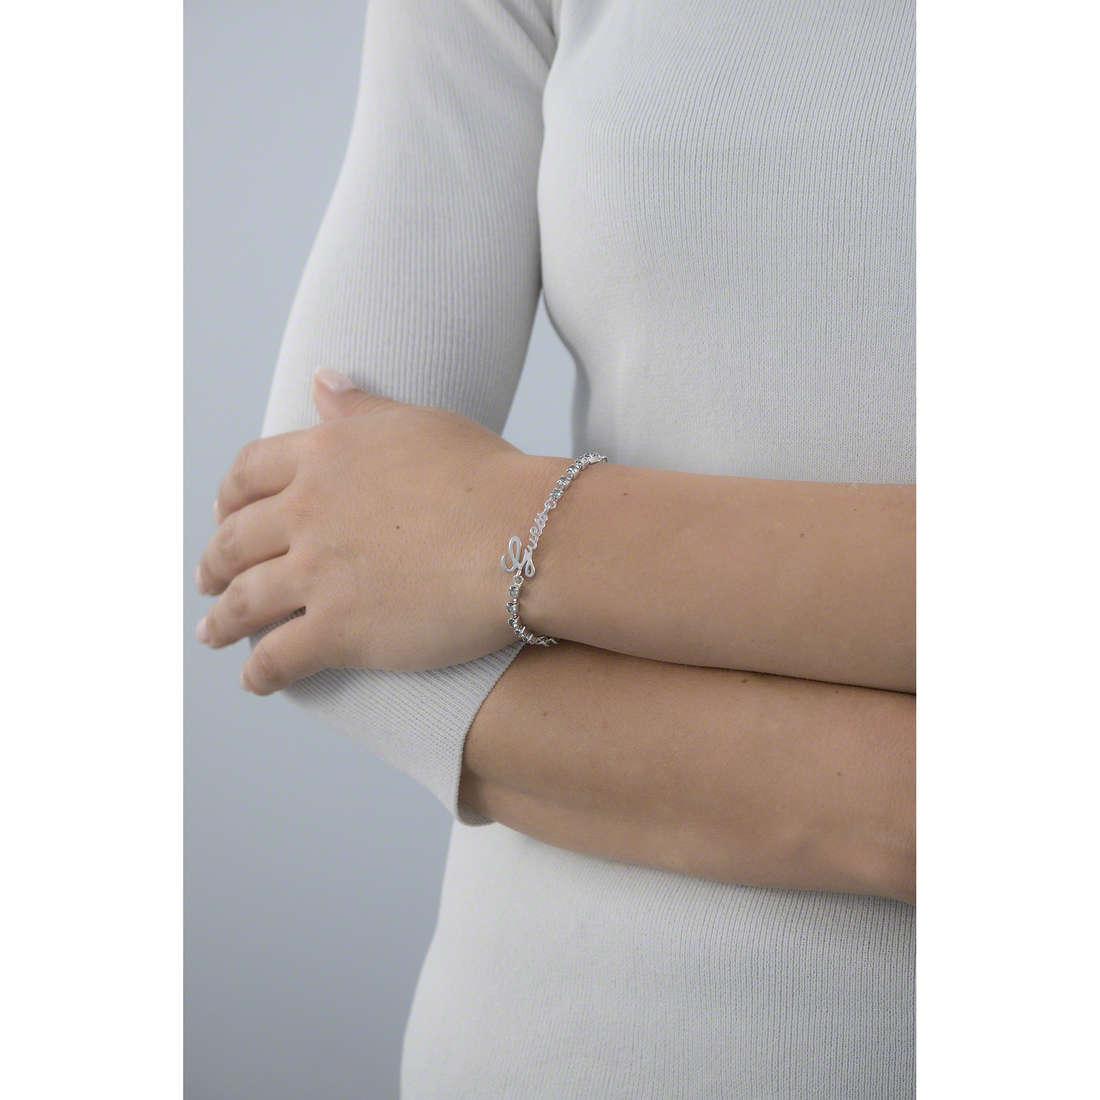 Guess bracciali donna UBB61087-S indosso